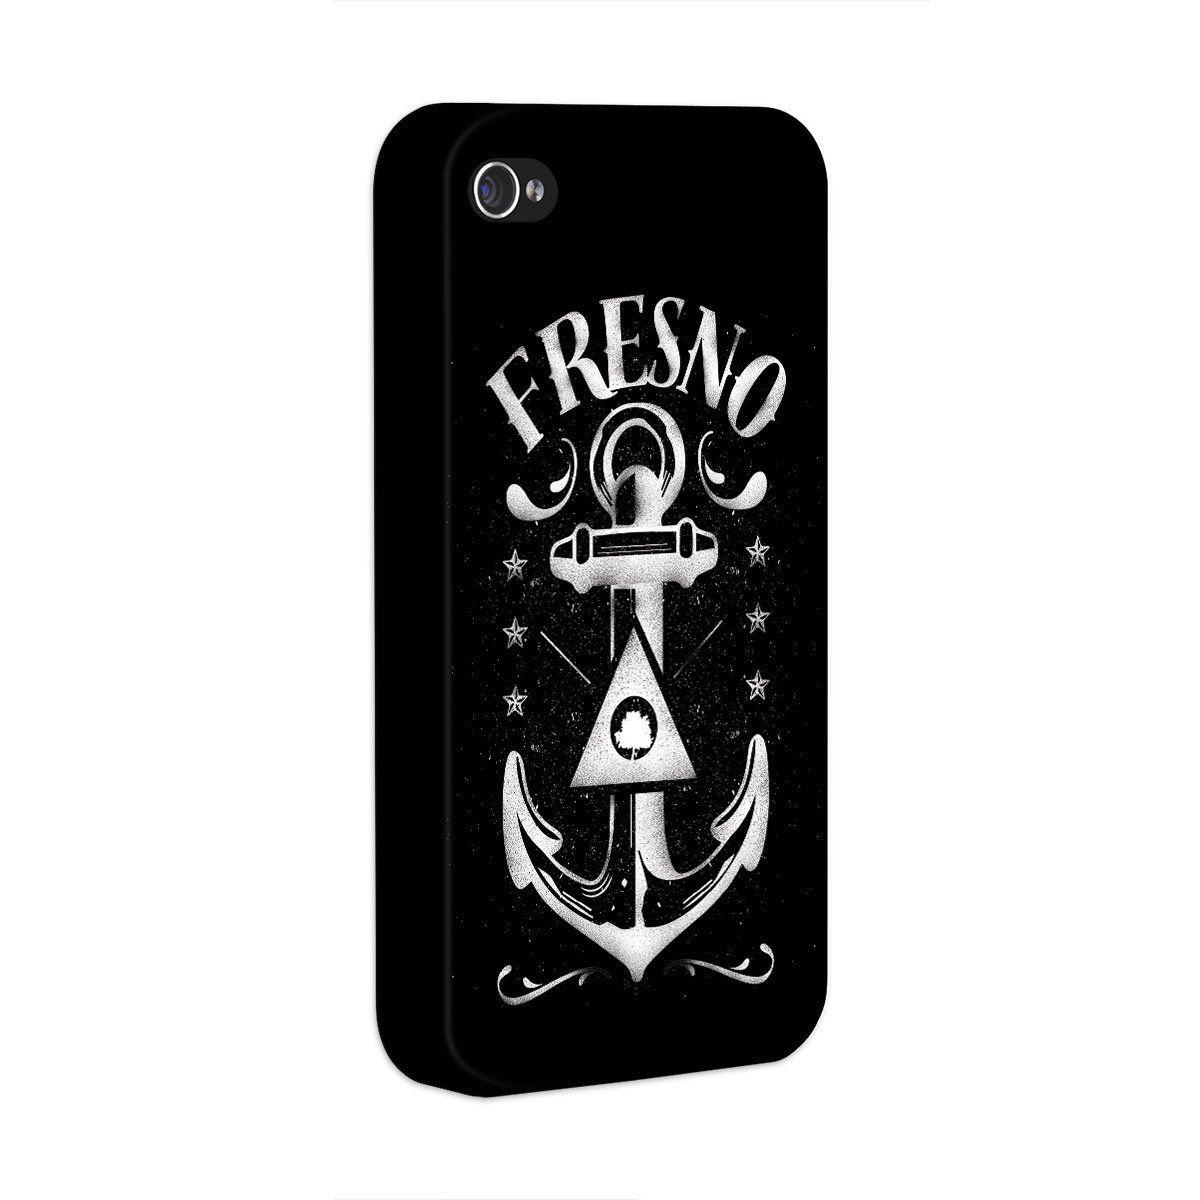 Capa para iPhone 4/4S Fresno Anchor